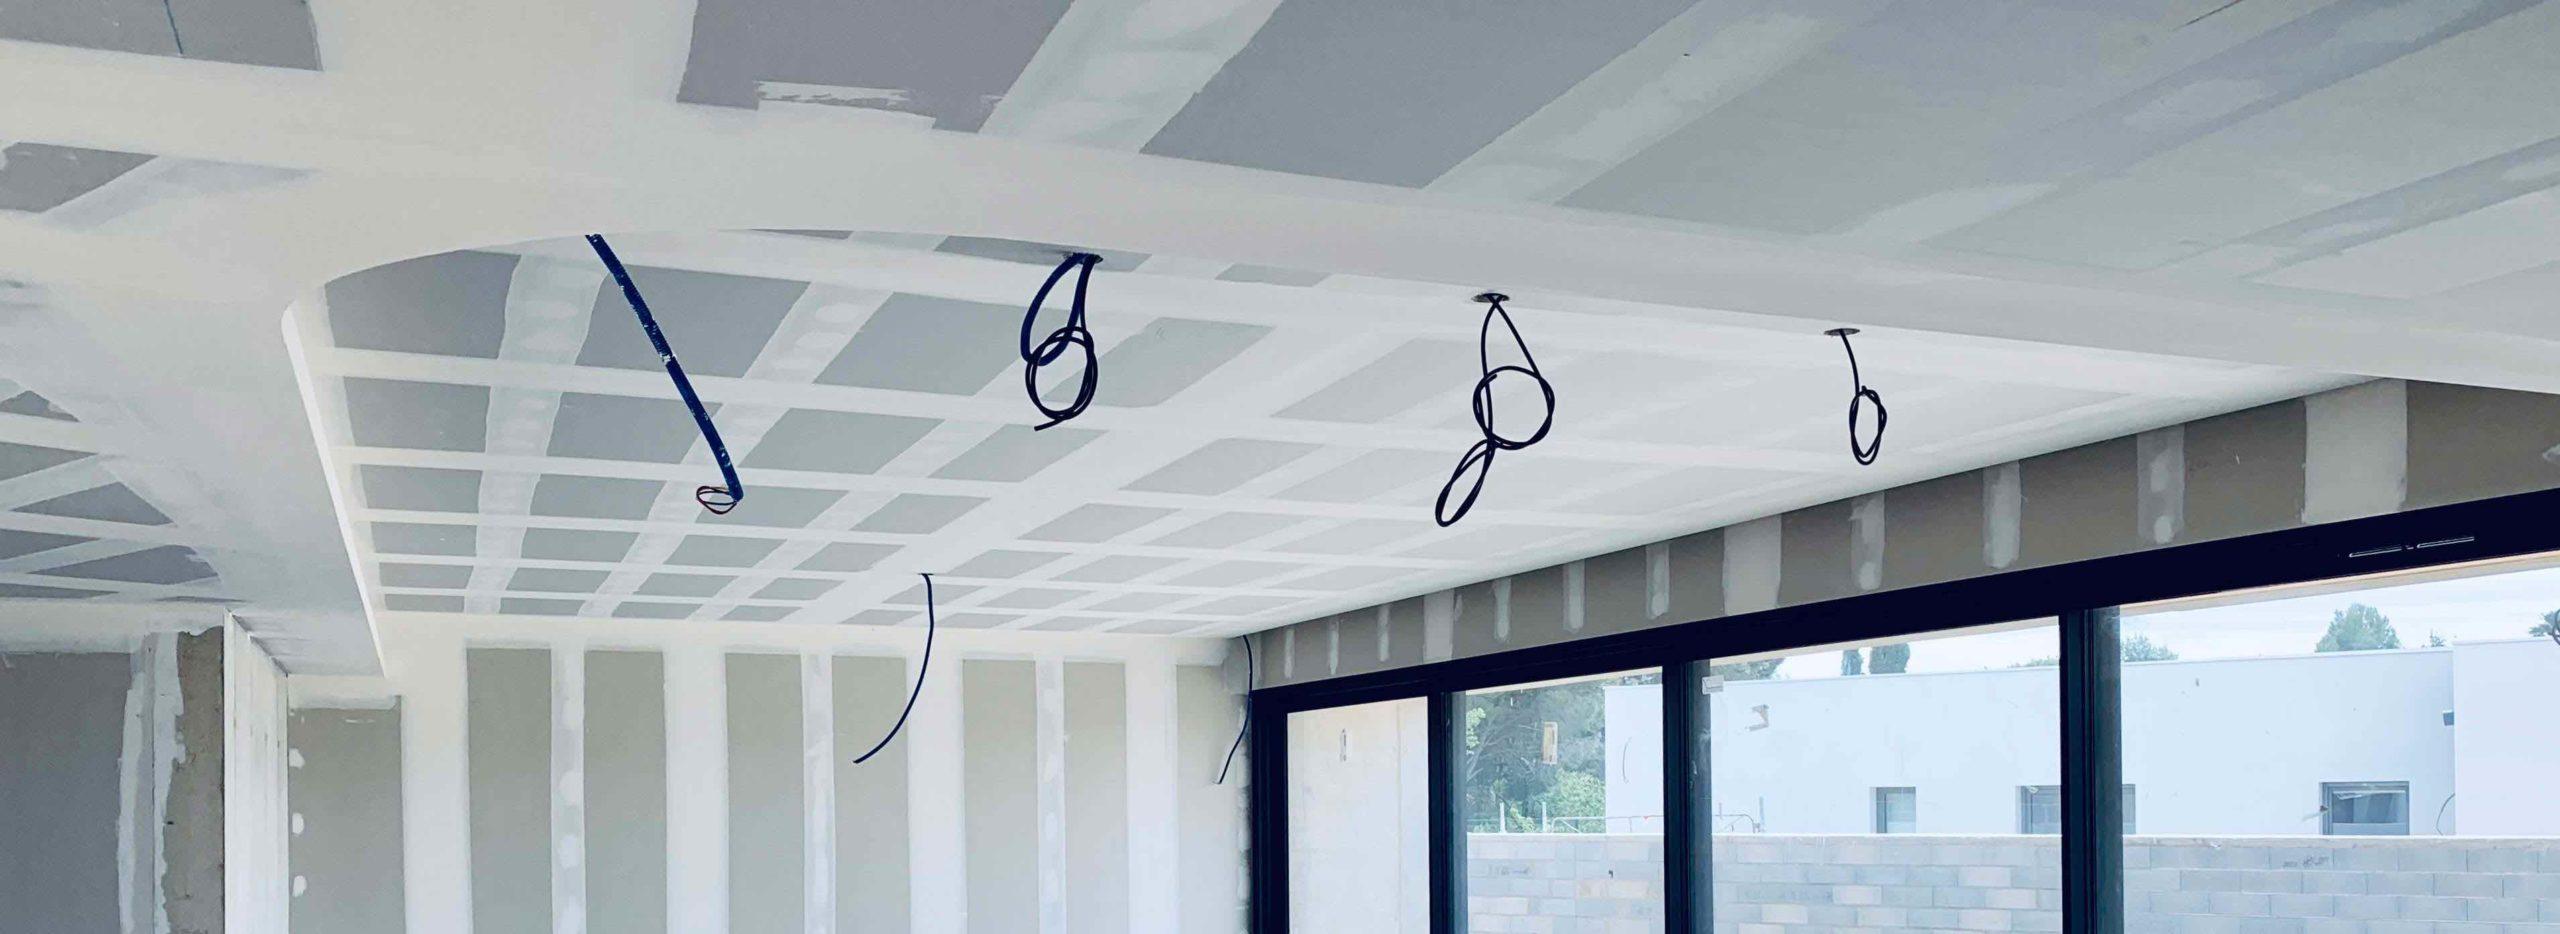 Entree-Bureaux-Alvit-Plaquiste-Jointeur-Bureau-Perpignan-Decoration-Plafond-Corniche-Ammeublement-ALVITPLAQUISTE-Pyrenees-Orientales-7